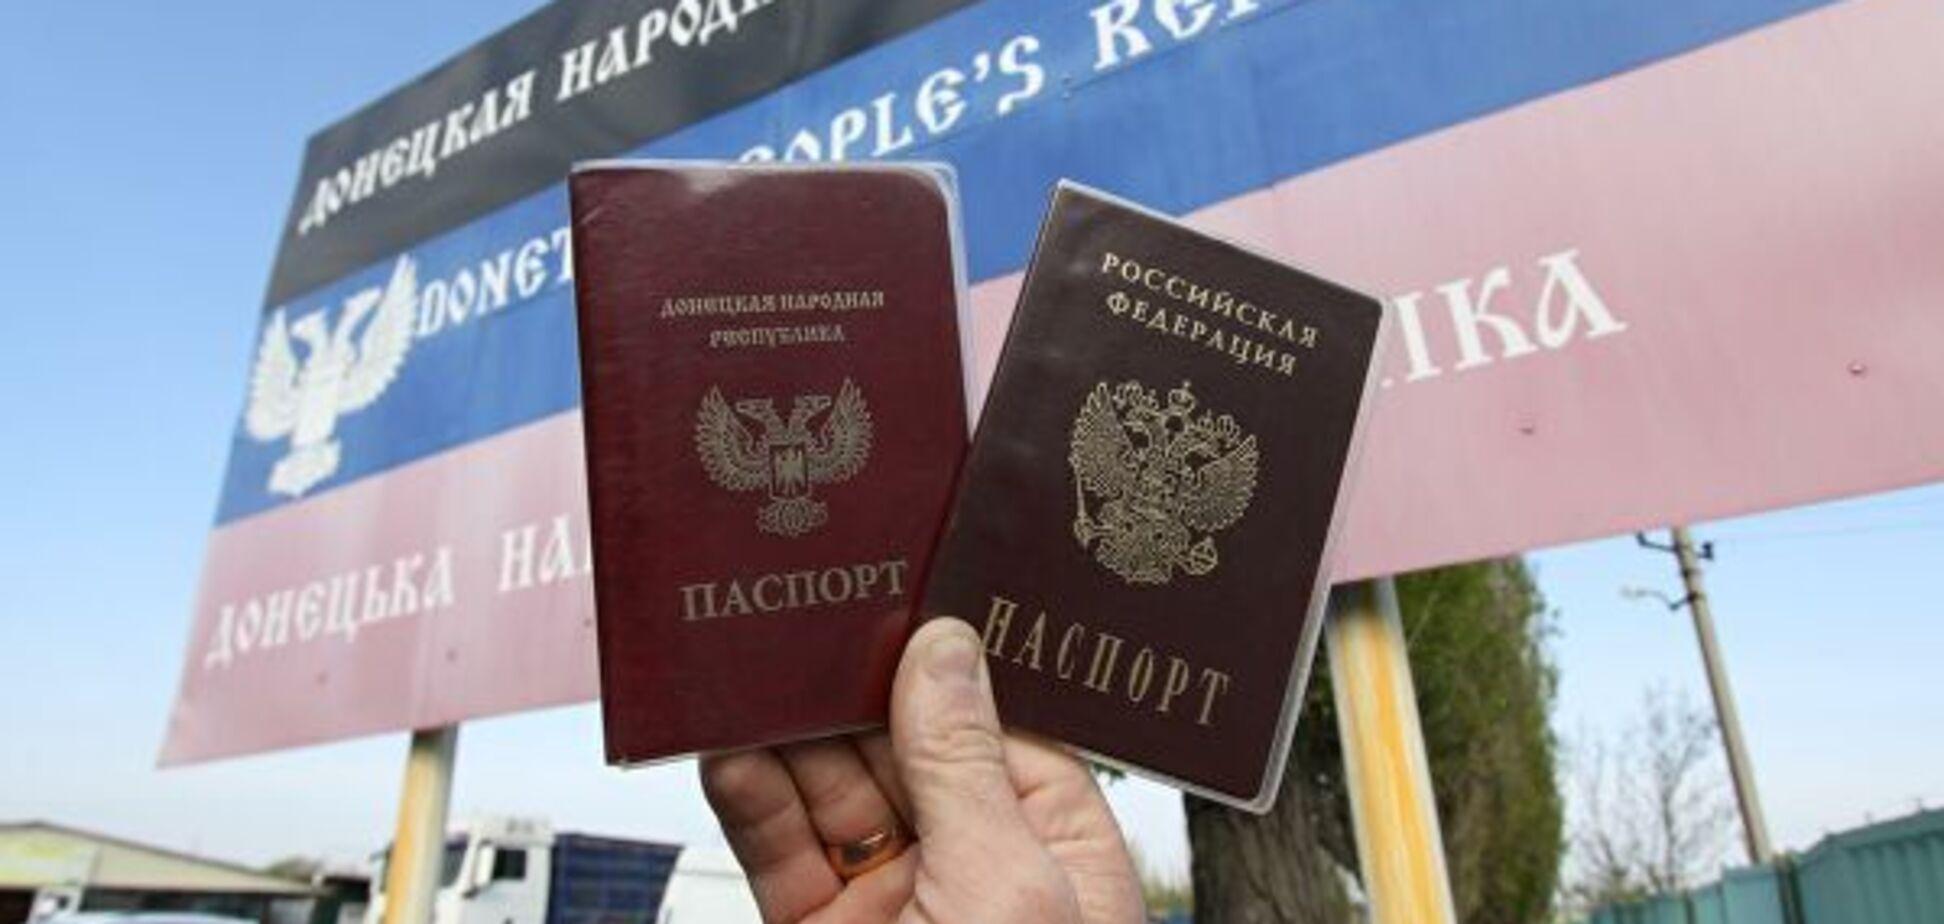 Паспорт РФ для жителей 'Л/ДНР' – бесплатный билет в тайгу